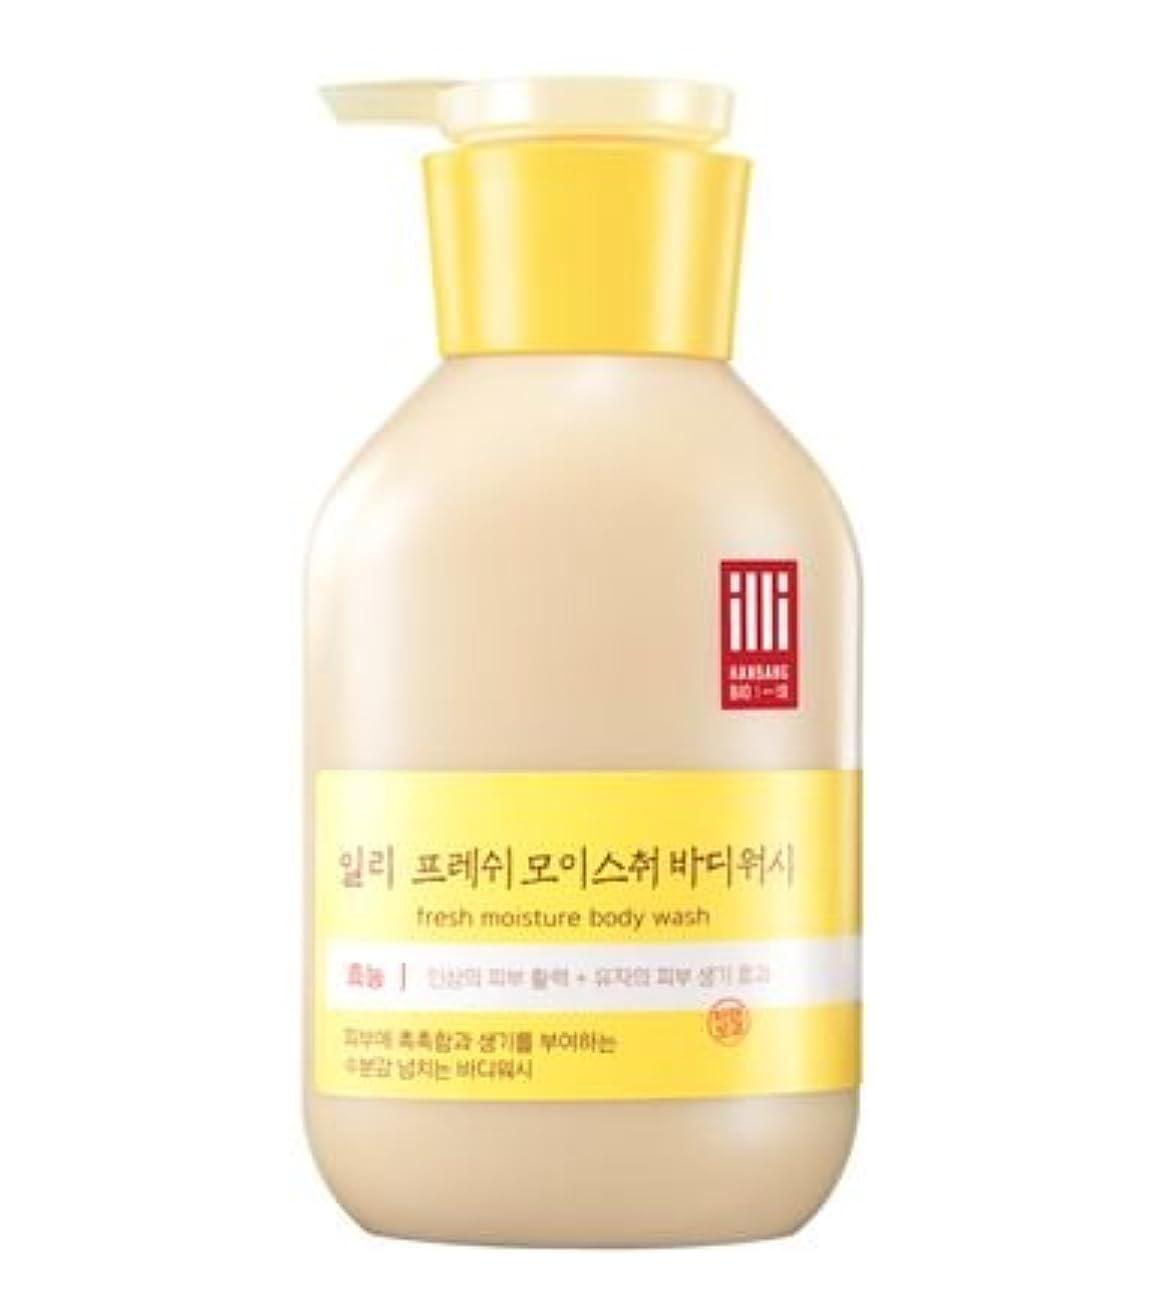 サーバボトルネック連想[韓国コスメ イリ―] フレッシュ モイスチャー ボディウォッシュ illi fresh moisture body wash (ゆずの香り)400ml (Body Wash) [並行輸入品]